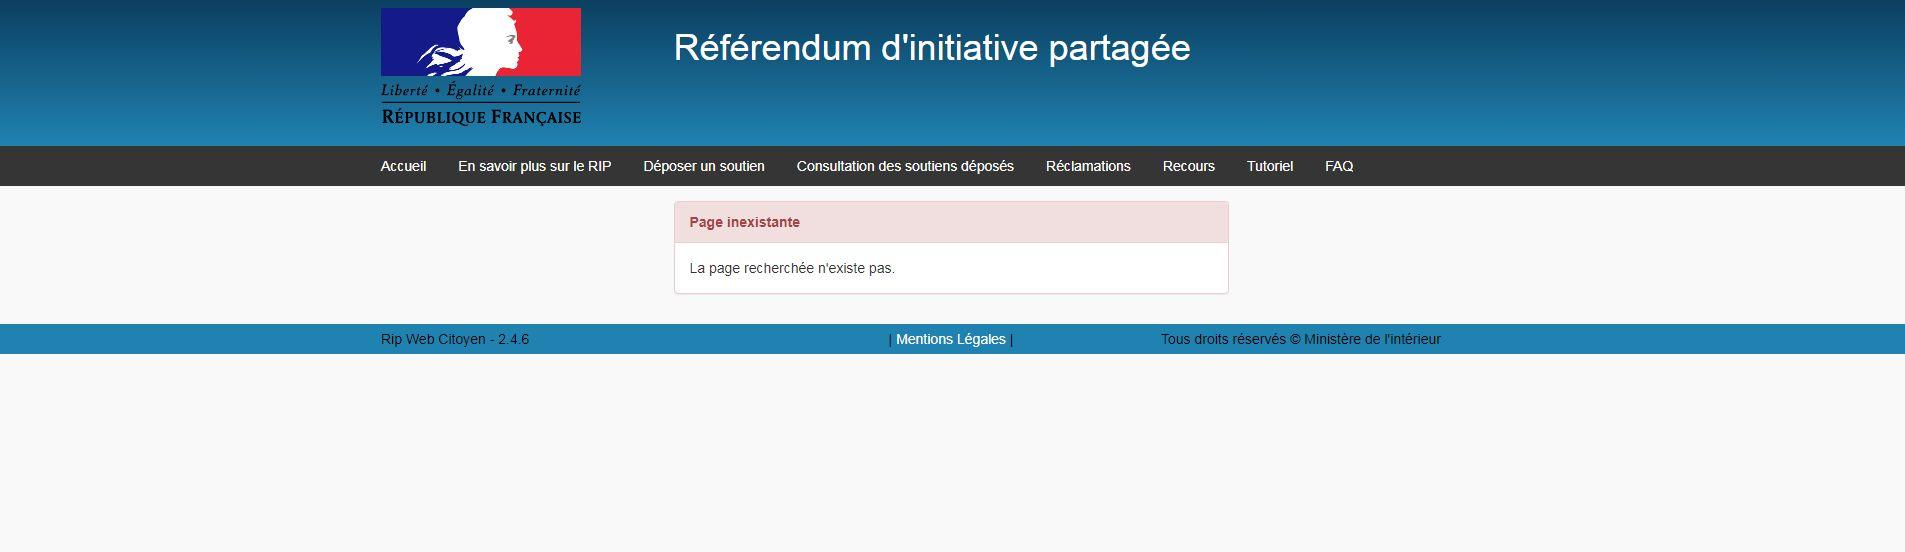 La page permettant de comptabiliser facilement les soutiens au référendum, bloquée...